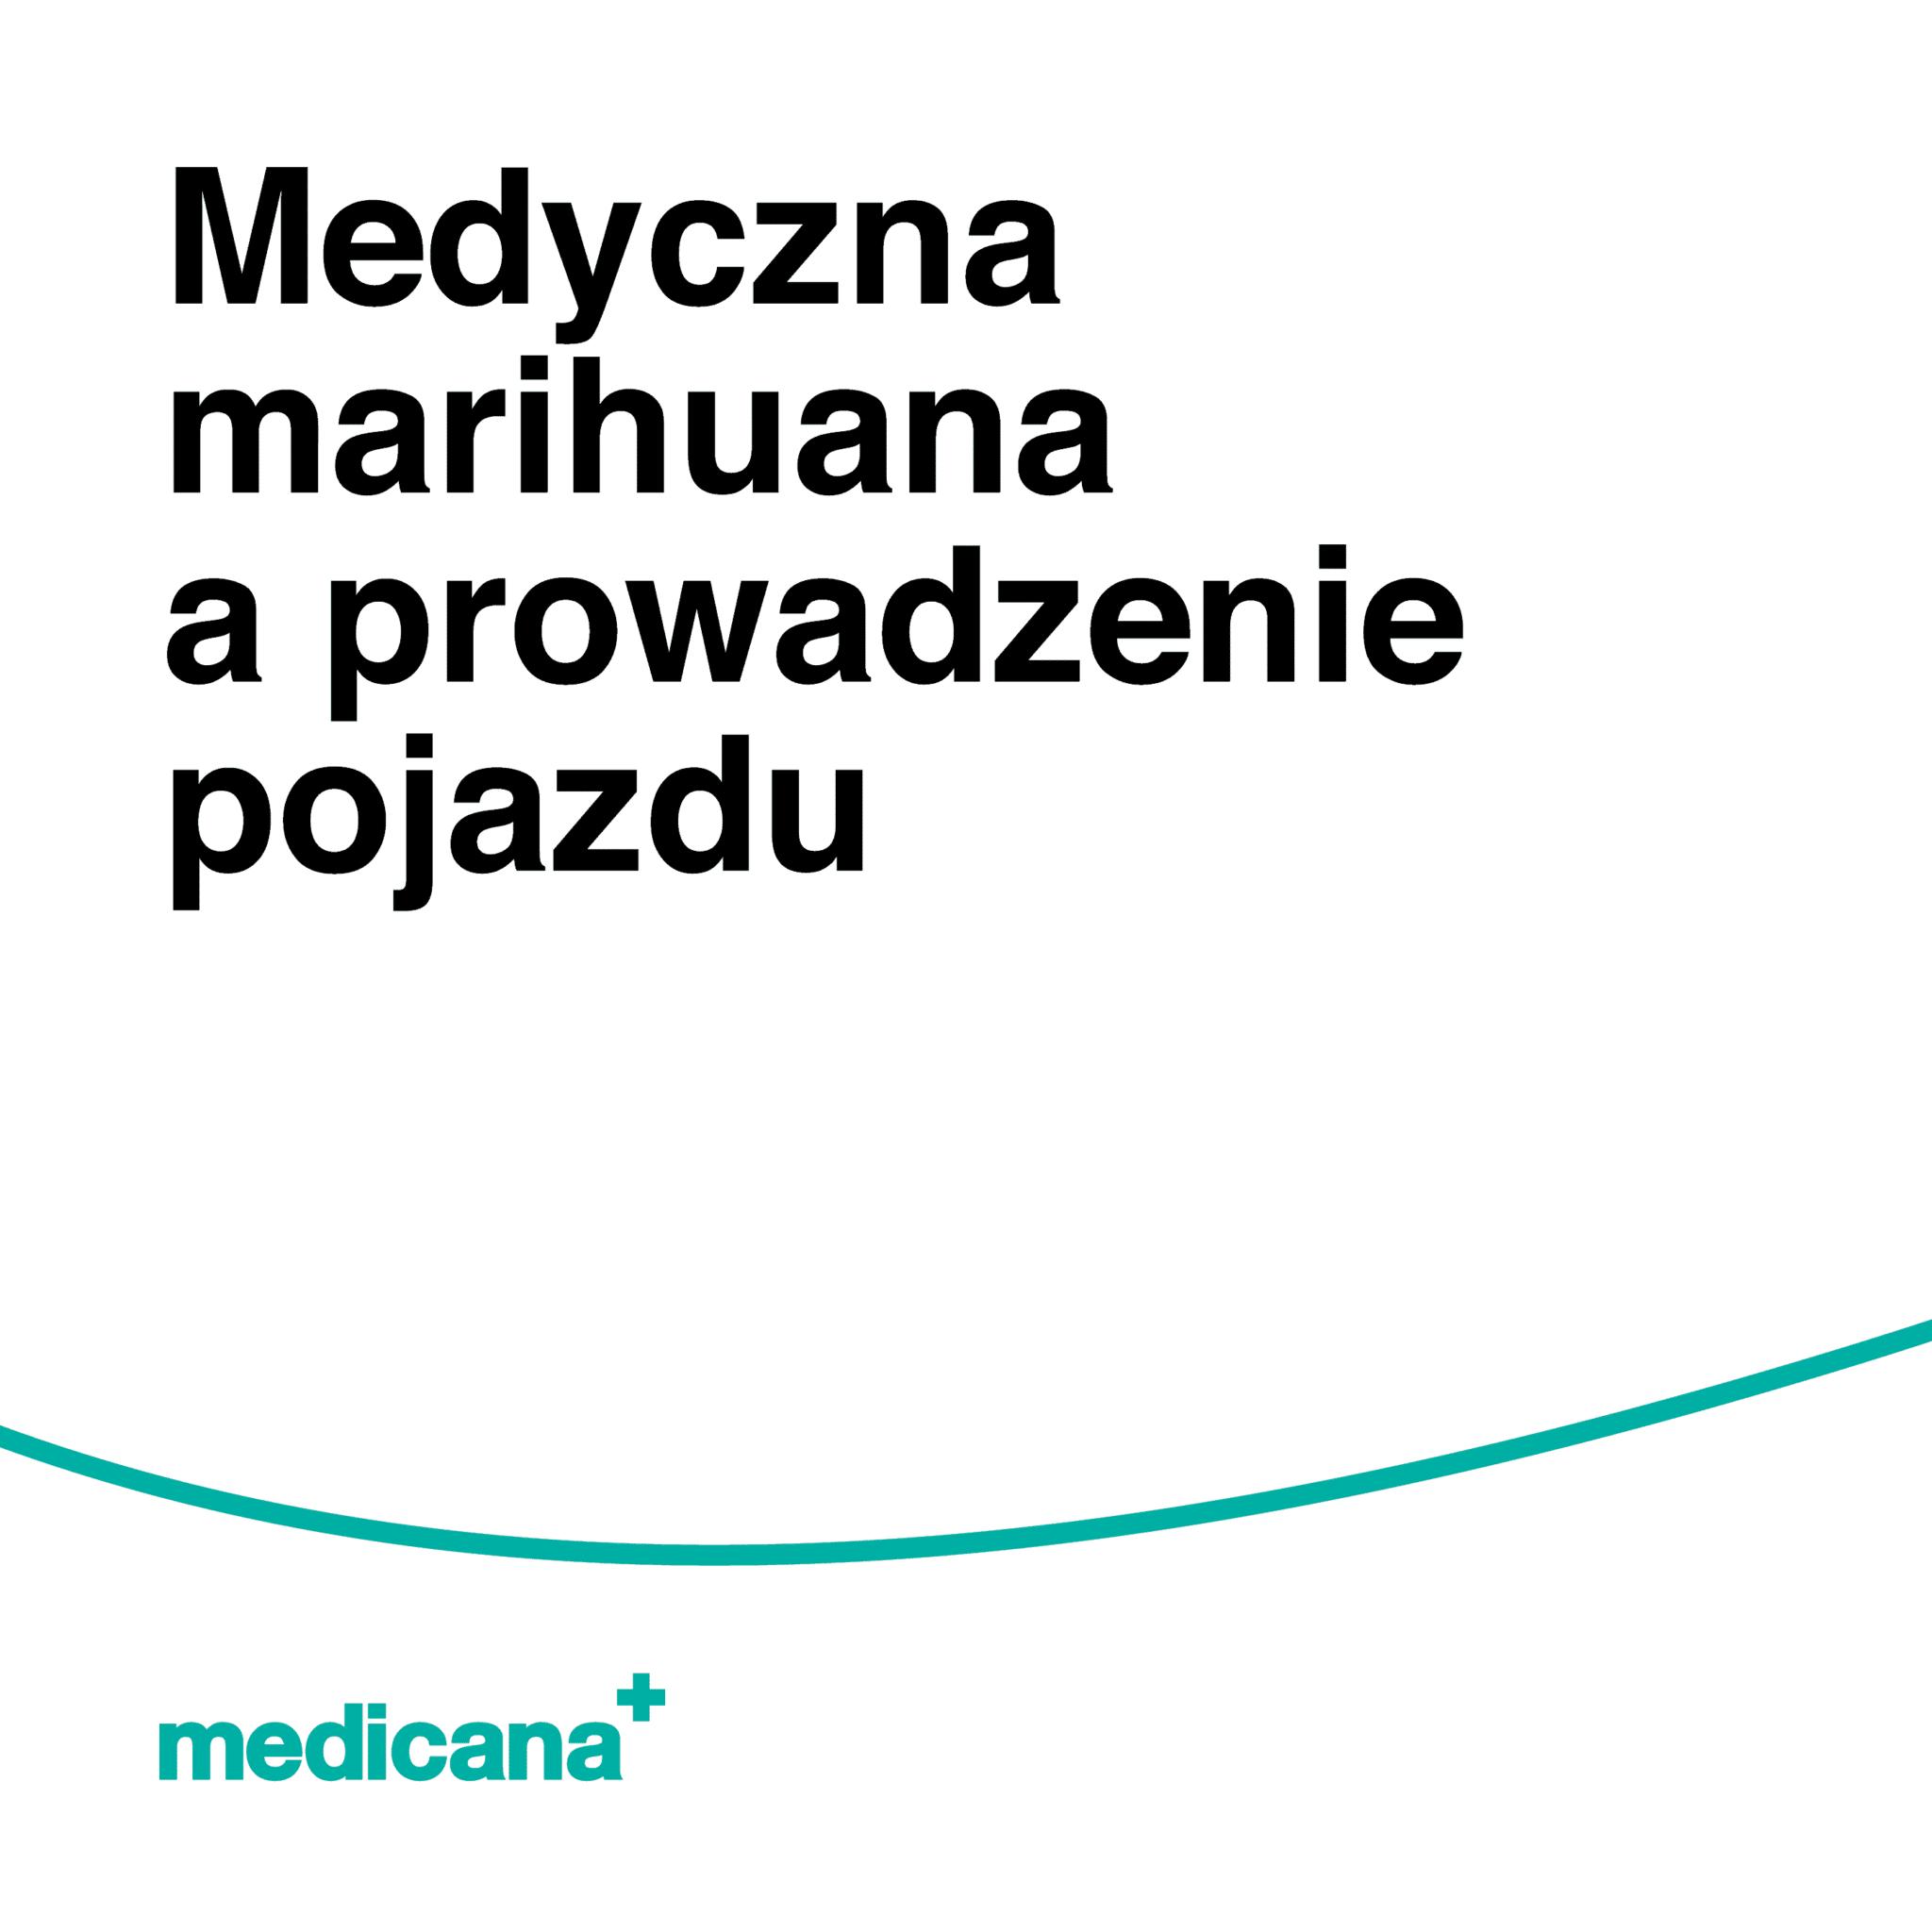 Grafika, białe tło z zieloną linią, czarnym napisem Medyczna marihuana a prowadzenie pojazdu oraz zielonym logo Medicana w lewym dolnym rogu.